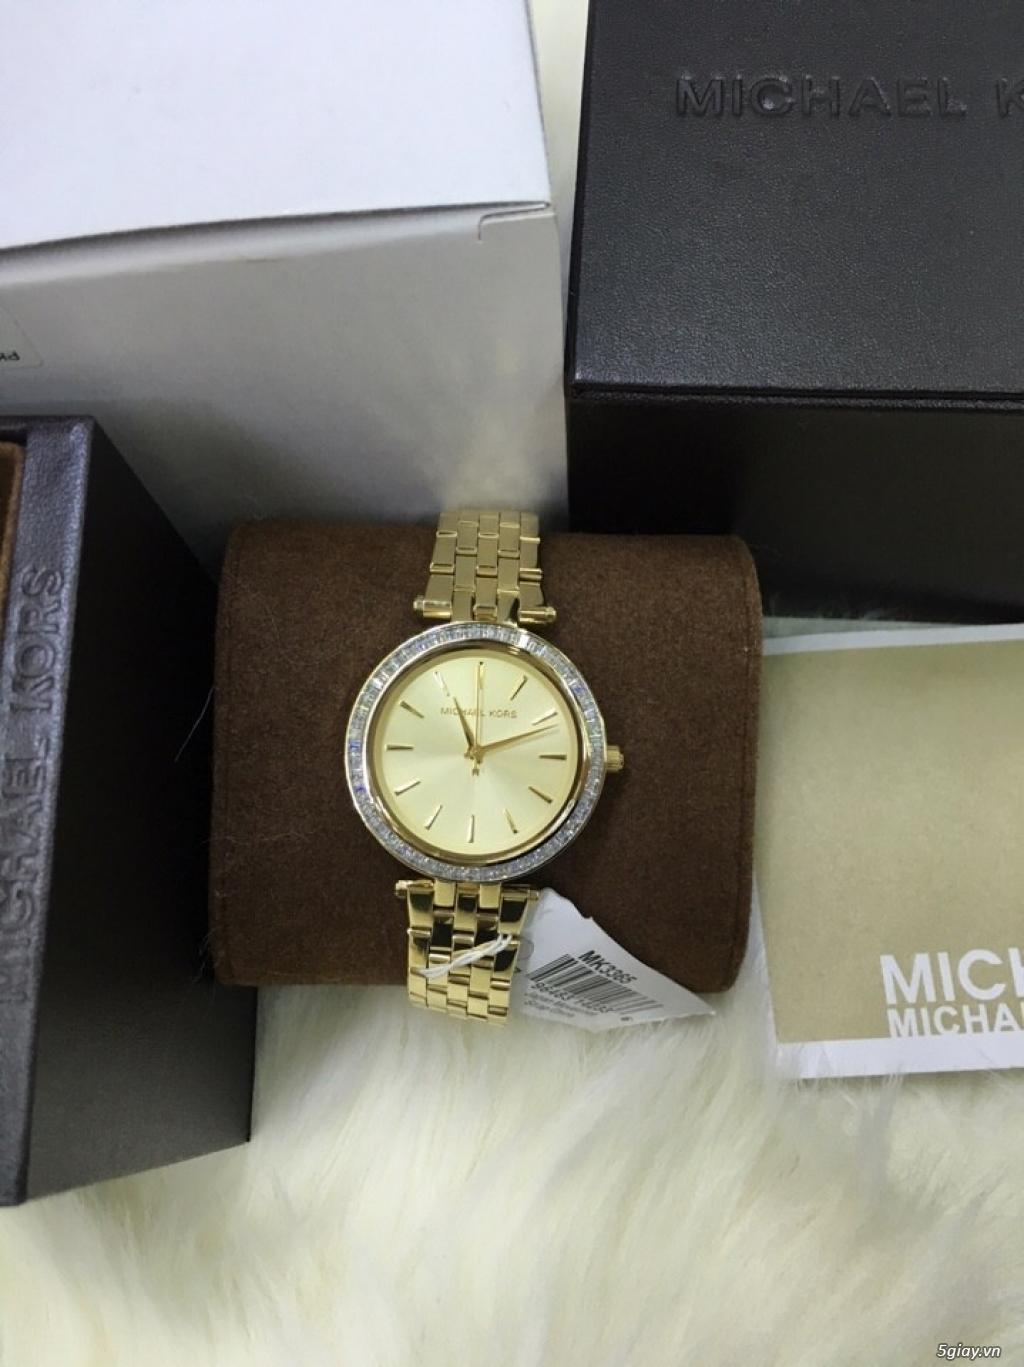 Đồng hồ chính hãng Michael Kors giá rẻ - 6